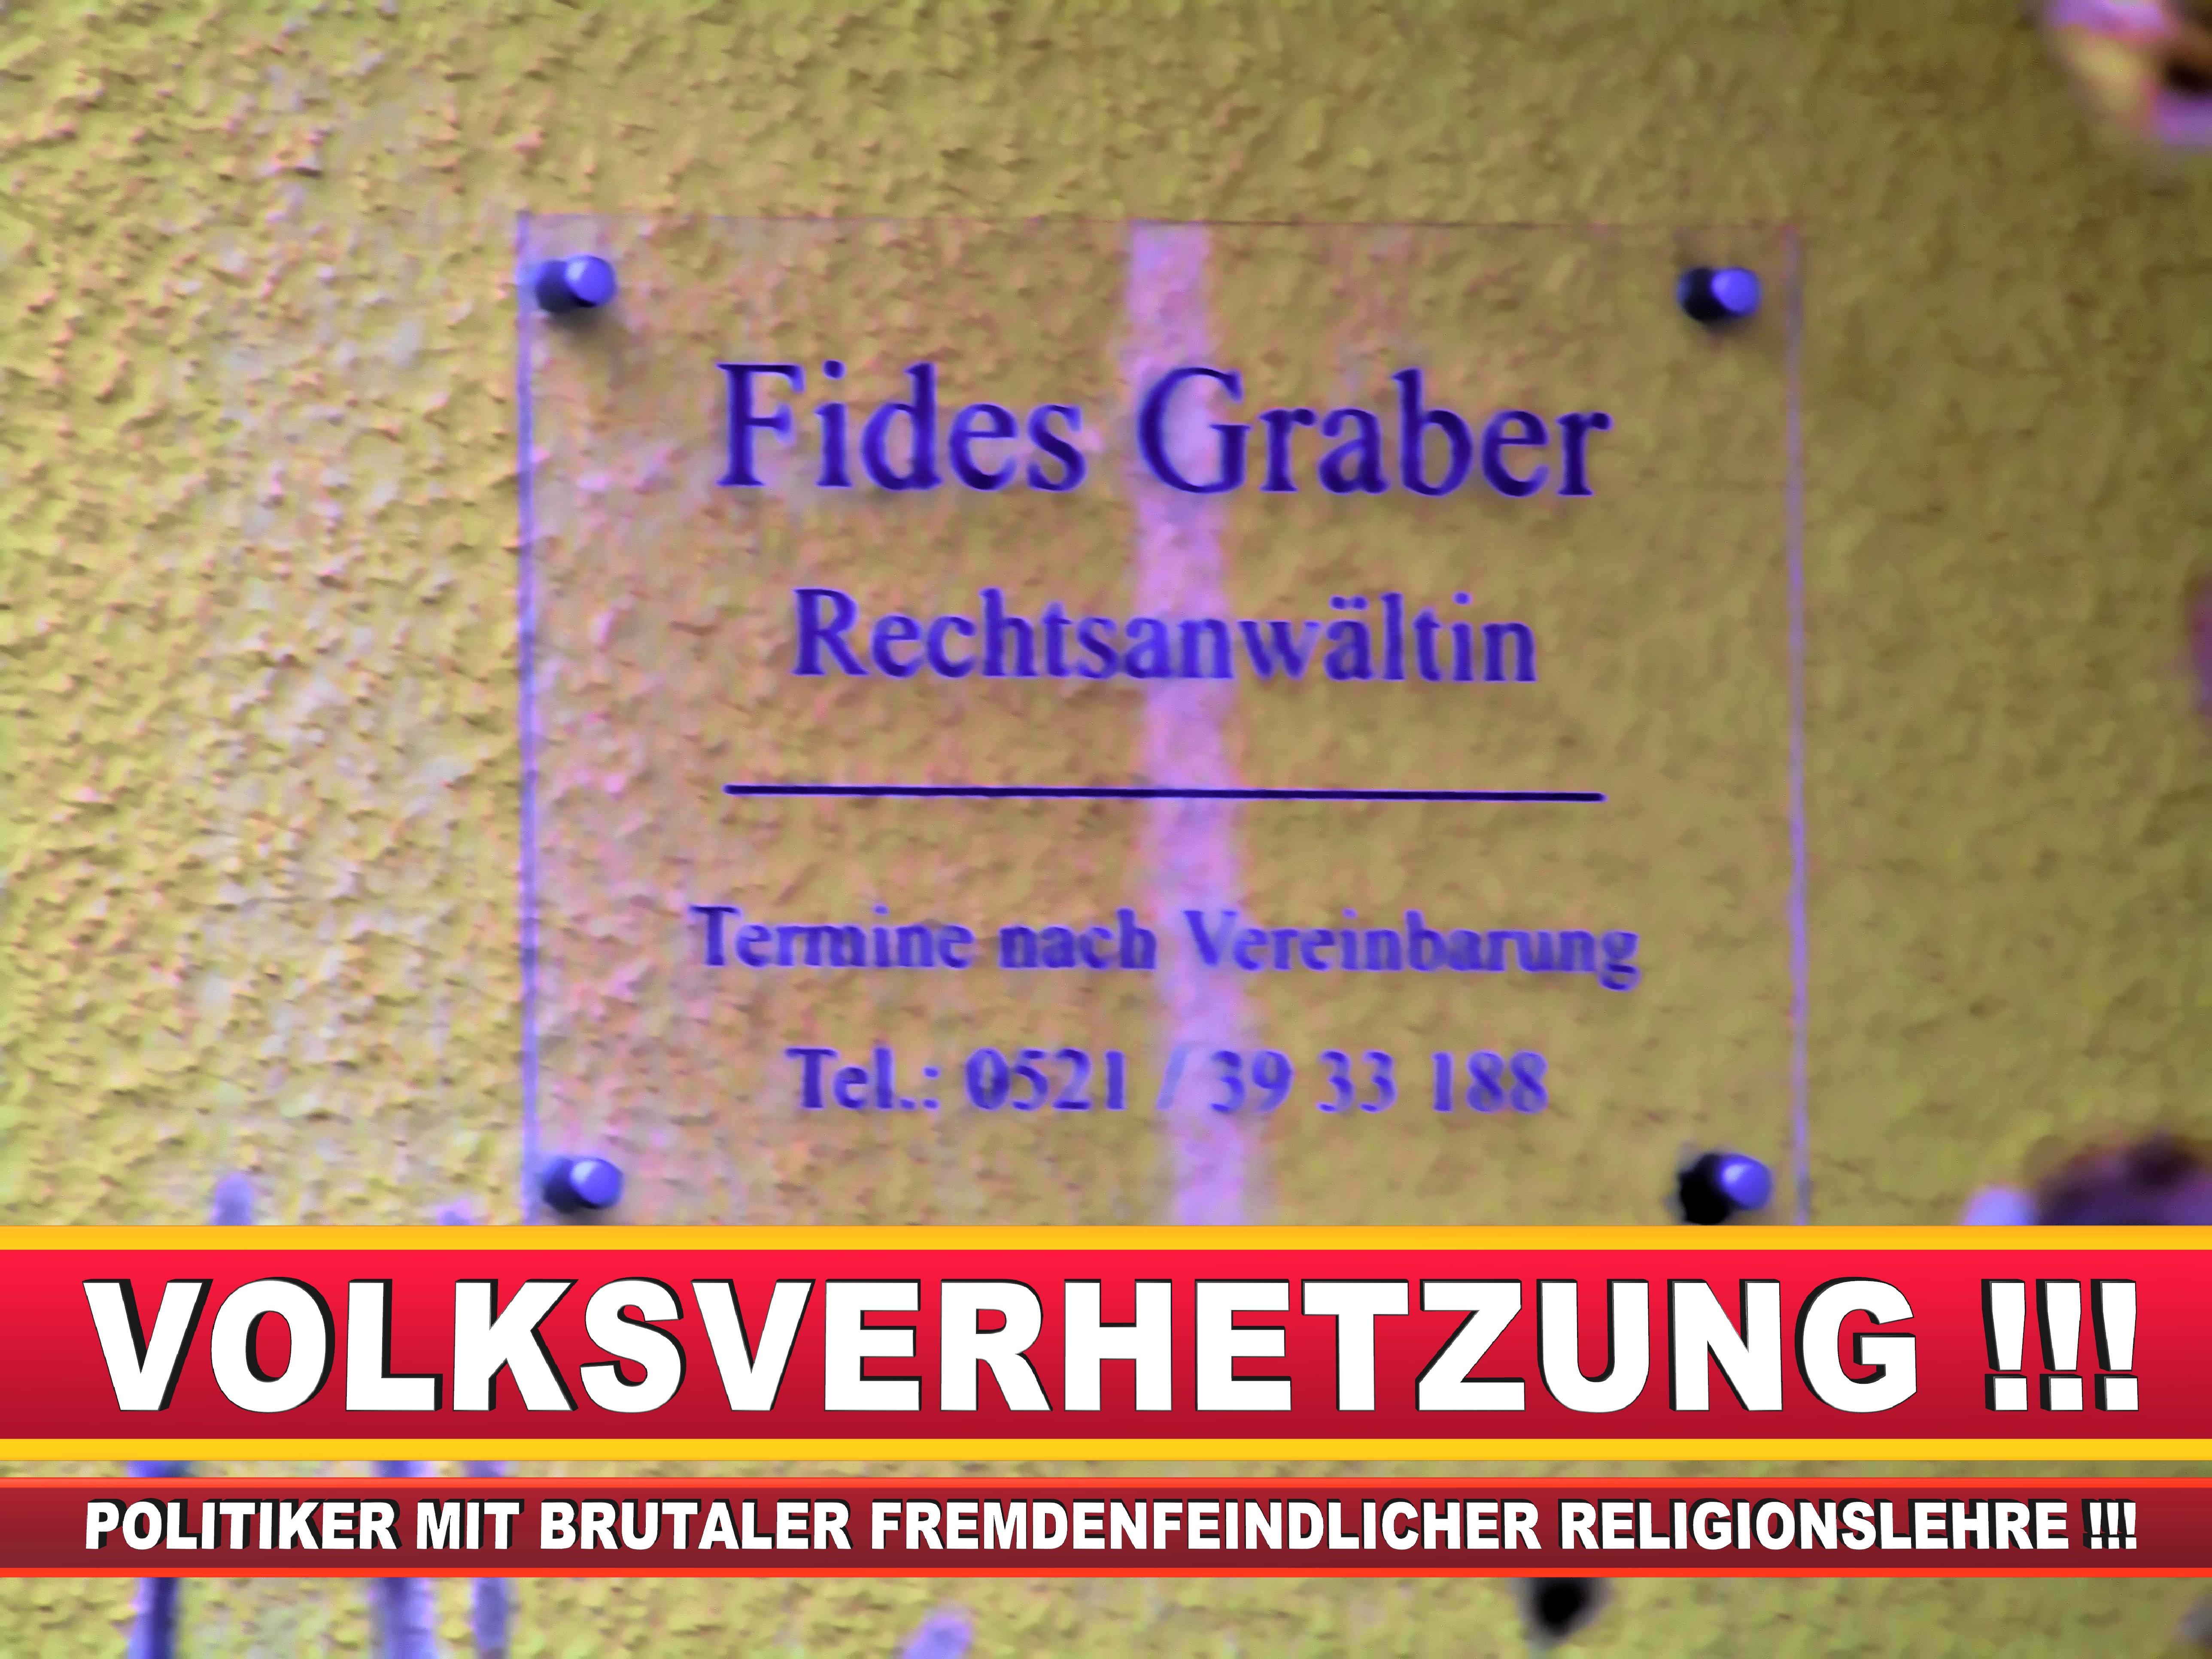 RECHTSANWäLTIN FIDES GRABER BIELEFELD CDU BIELEFELD (3)